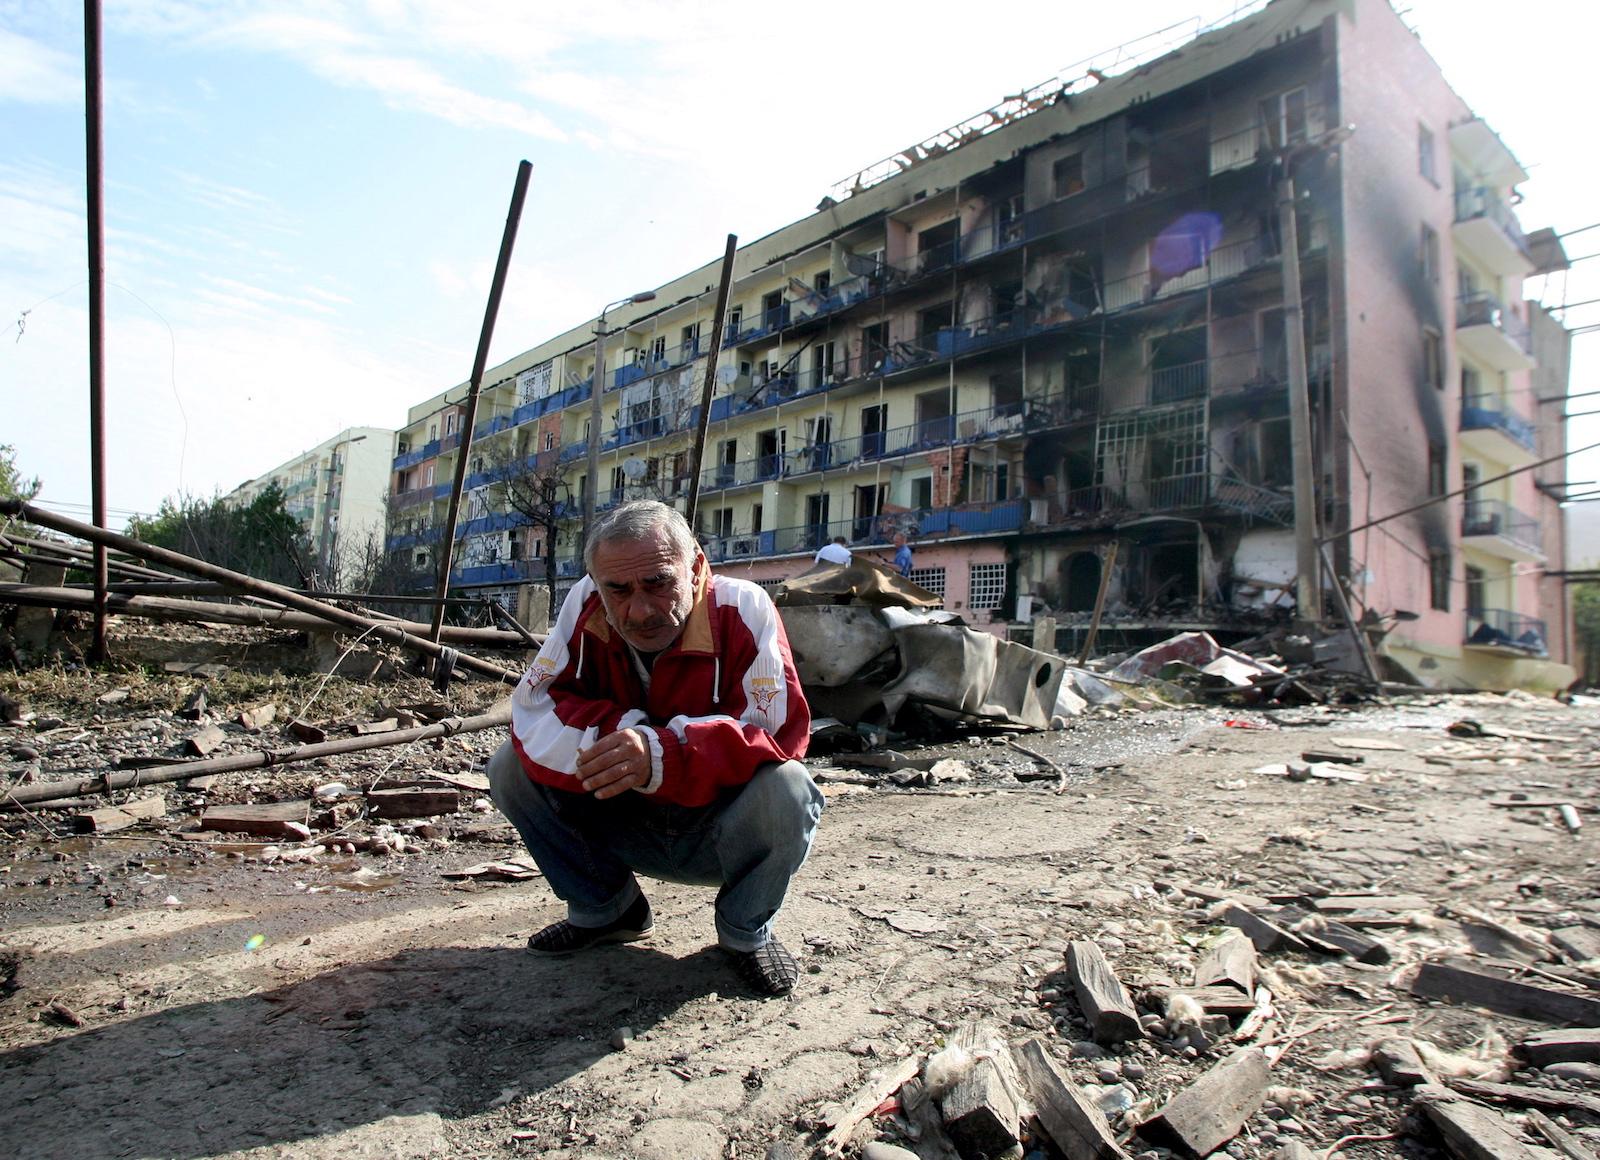 კადრში ჩანს გორელი კაცი. ფონზე დაბომბვის შედეგად დაზიანებული შენობა © EPA/ZURAB KURTSIKIDZE